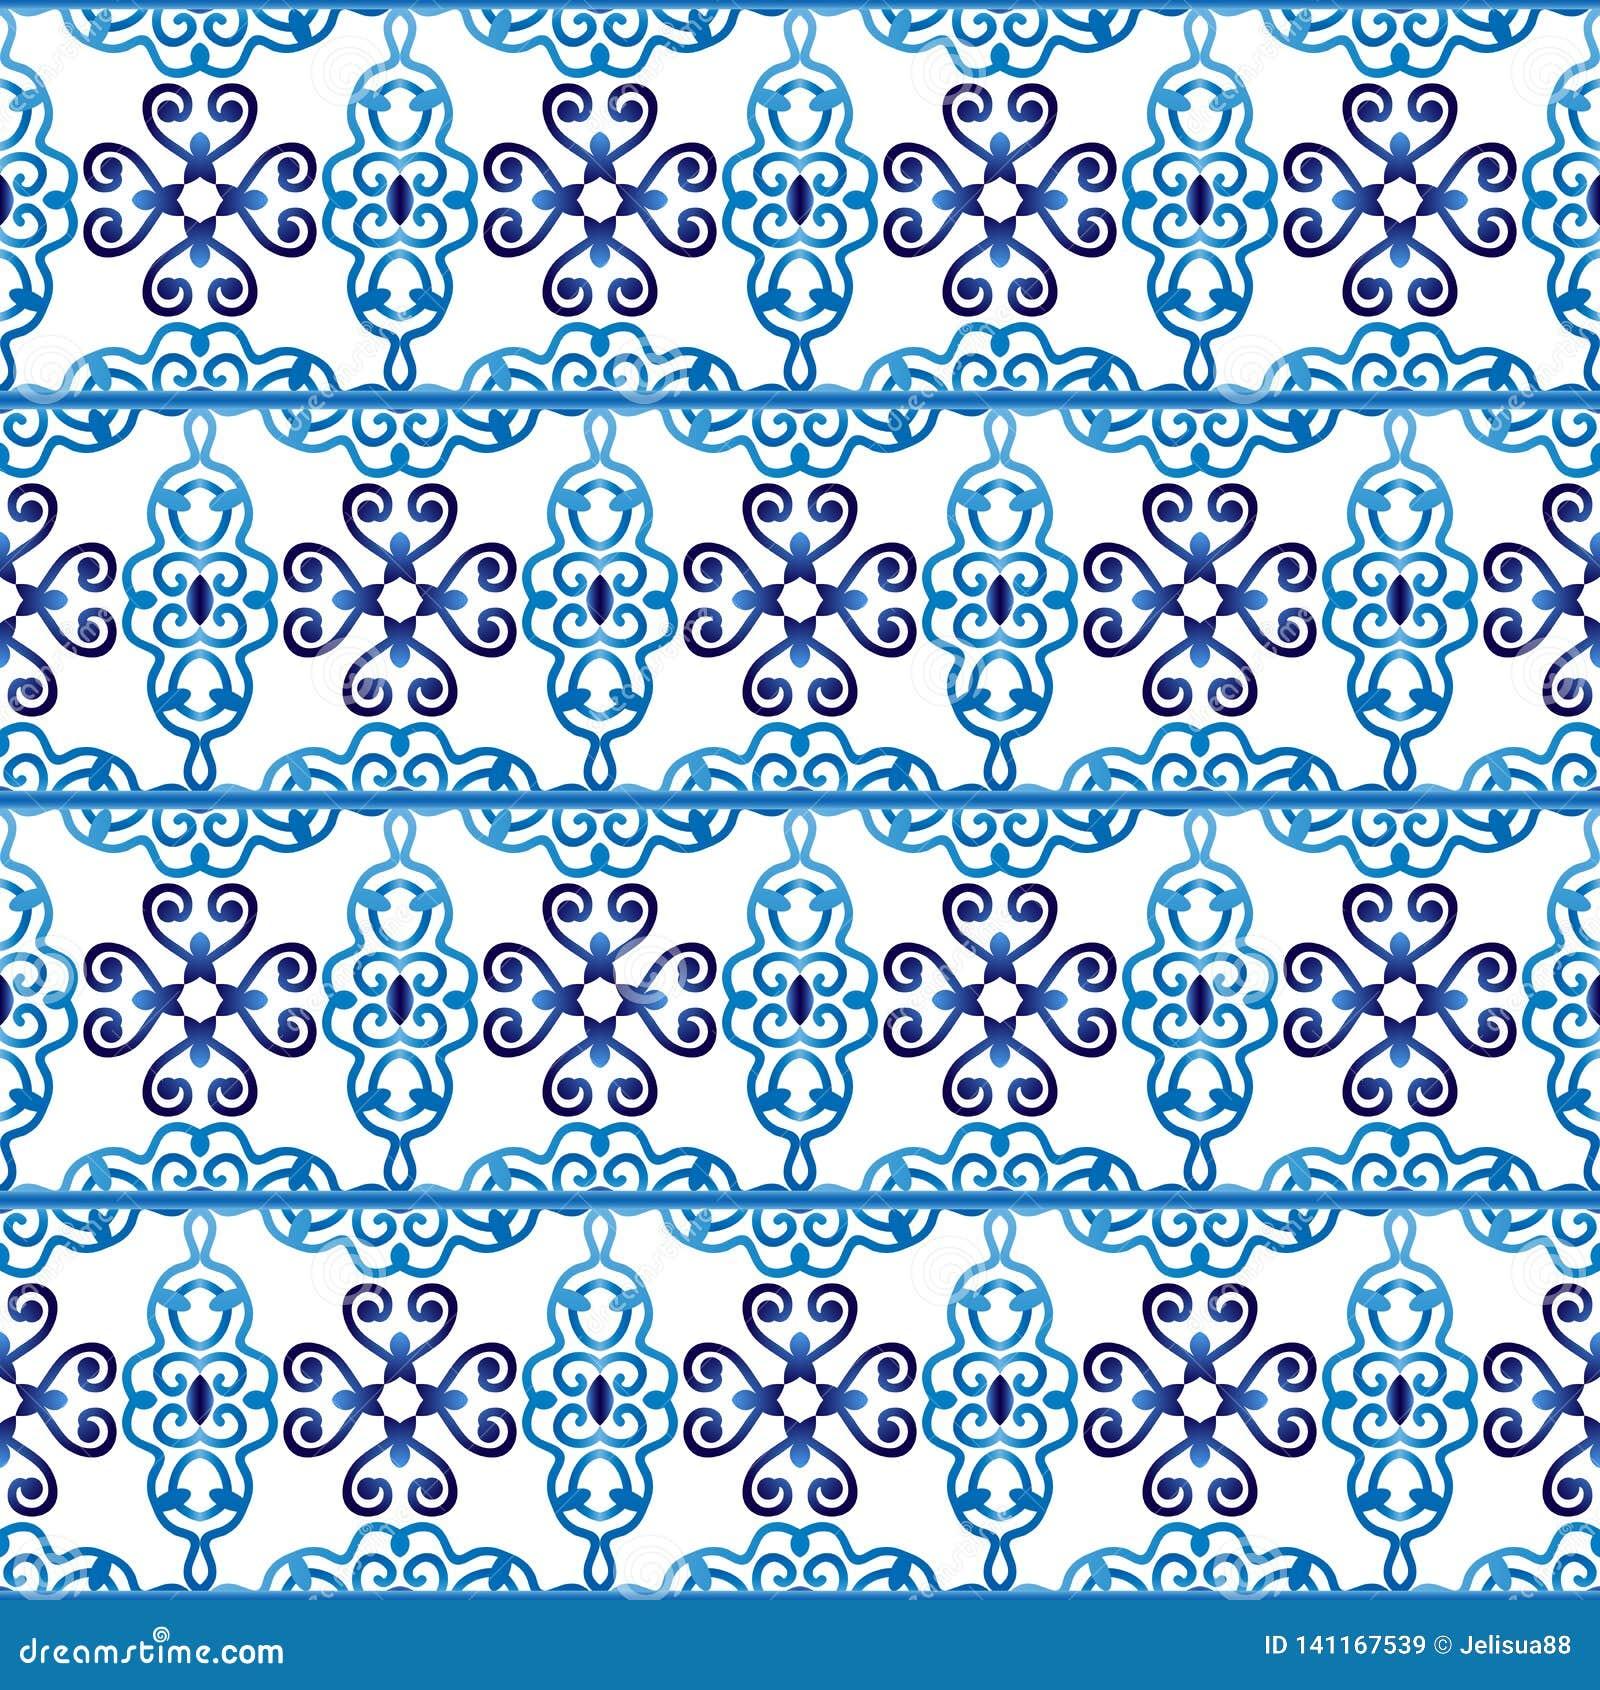 Modell för keramisk tegelplatta Islamiska, indiska arabiska motiv seamless damastast modell Etnisk bohemisk bakgrund för porslin